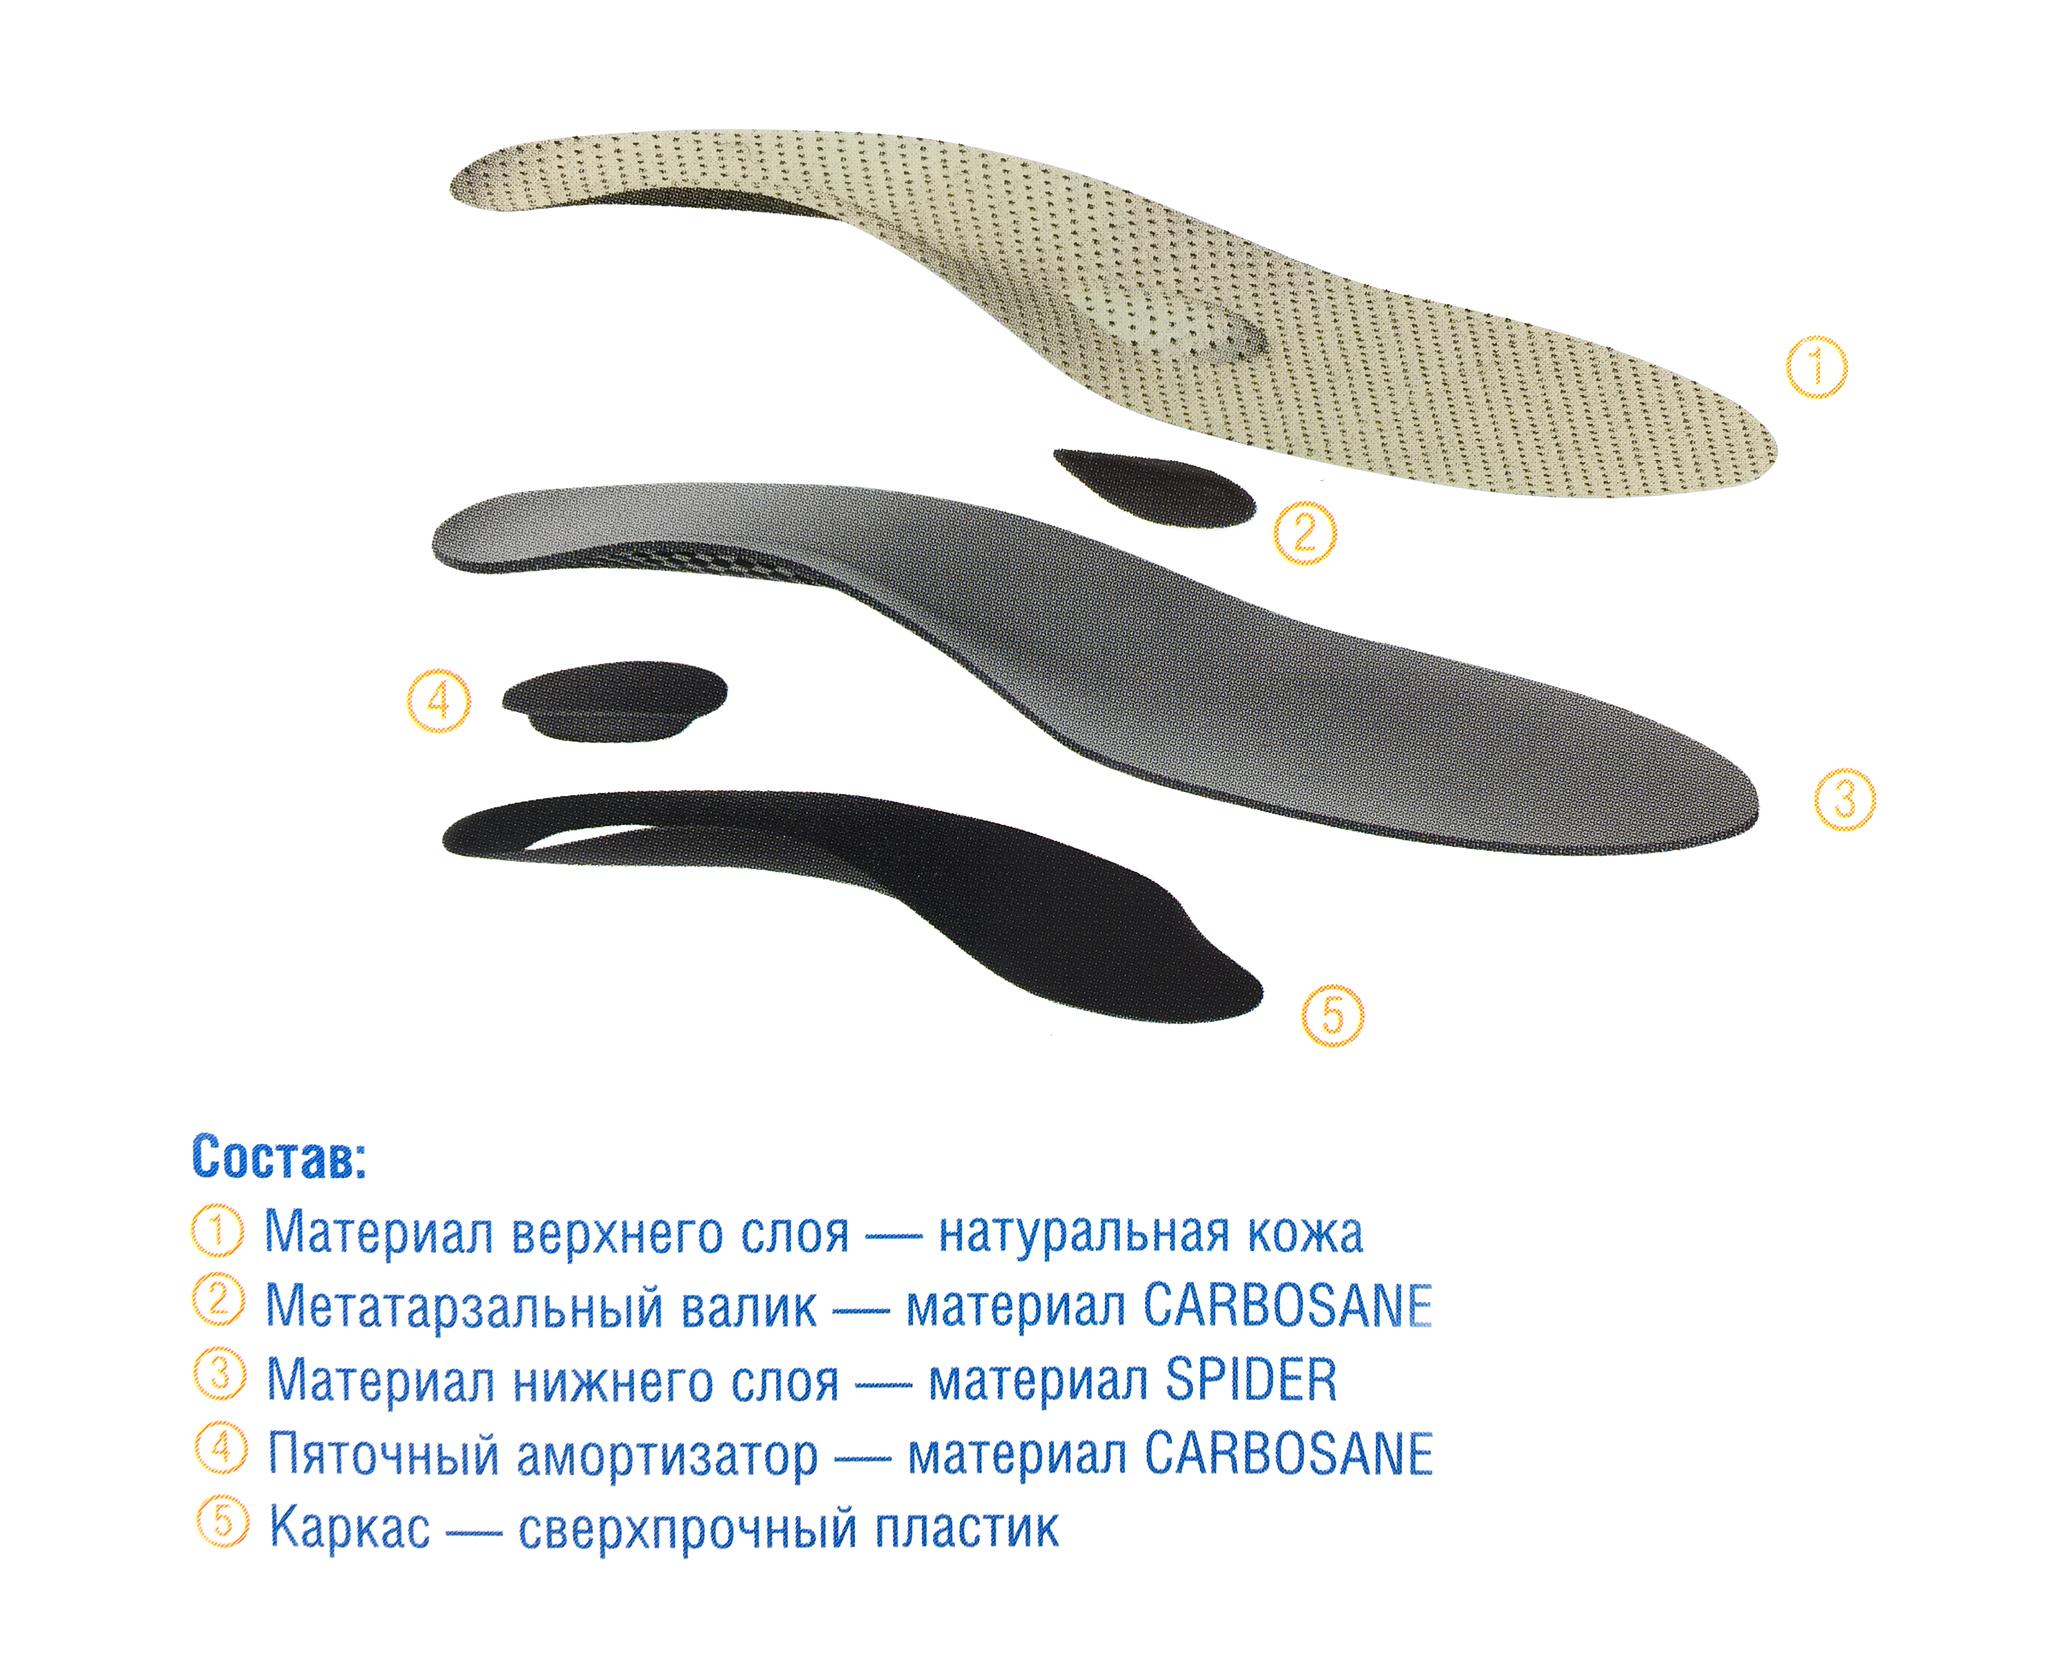 Ортопедические стельки с выраженной поддержкой при плоскостопии 1-2 степени